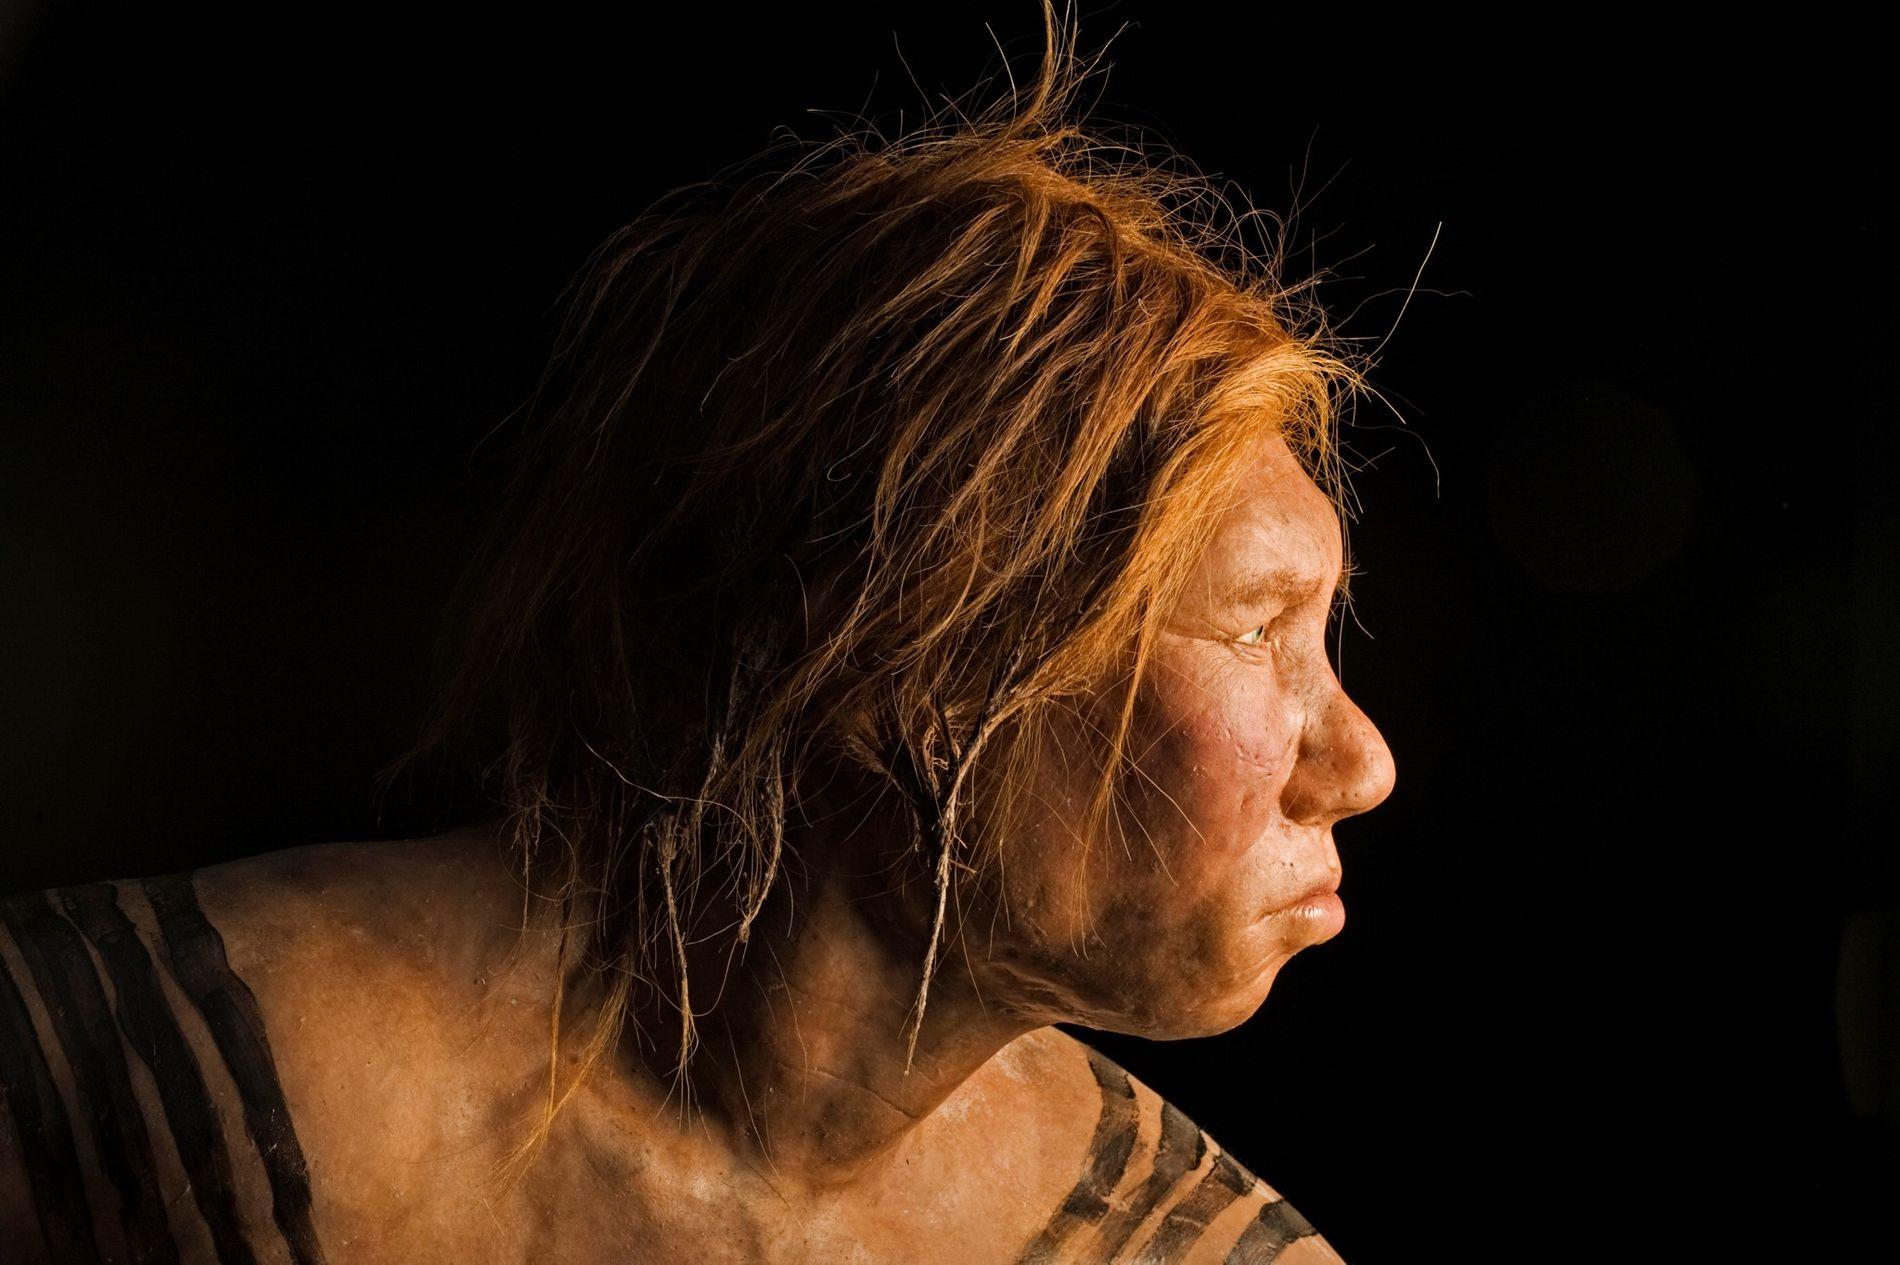 Com a descoberta de ancestralidade neandertal em populações africanas, os pesquisadores agora descobriram traços de antigos ...